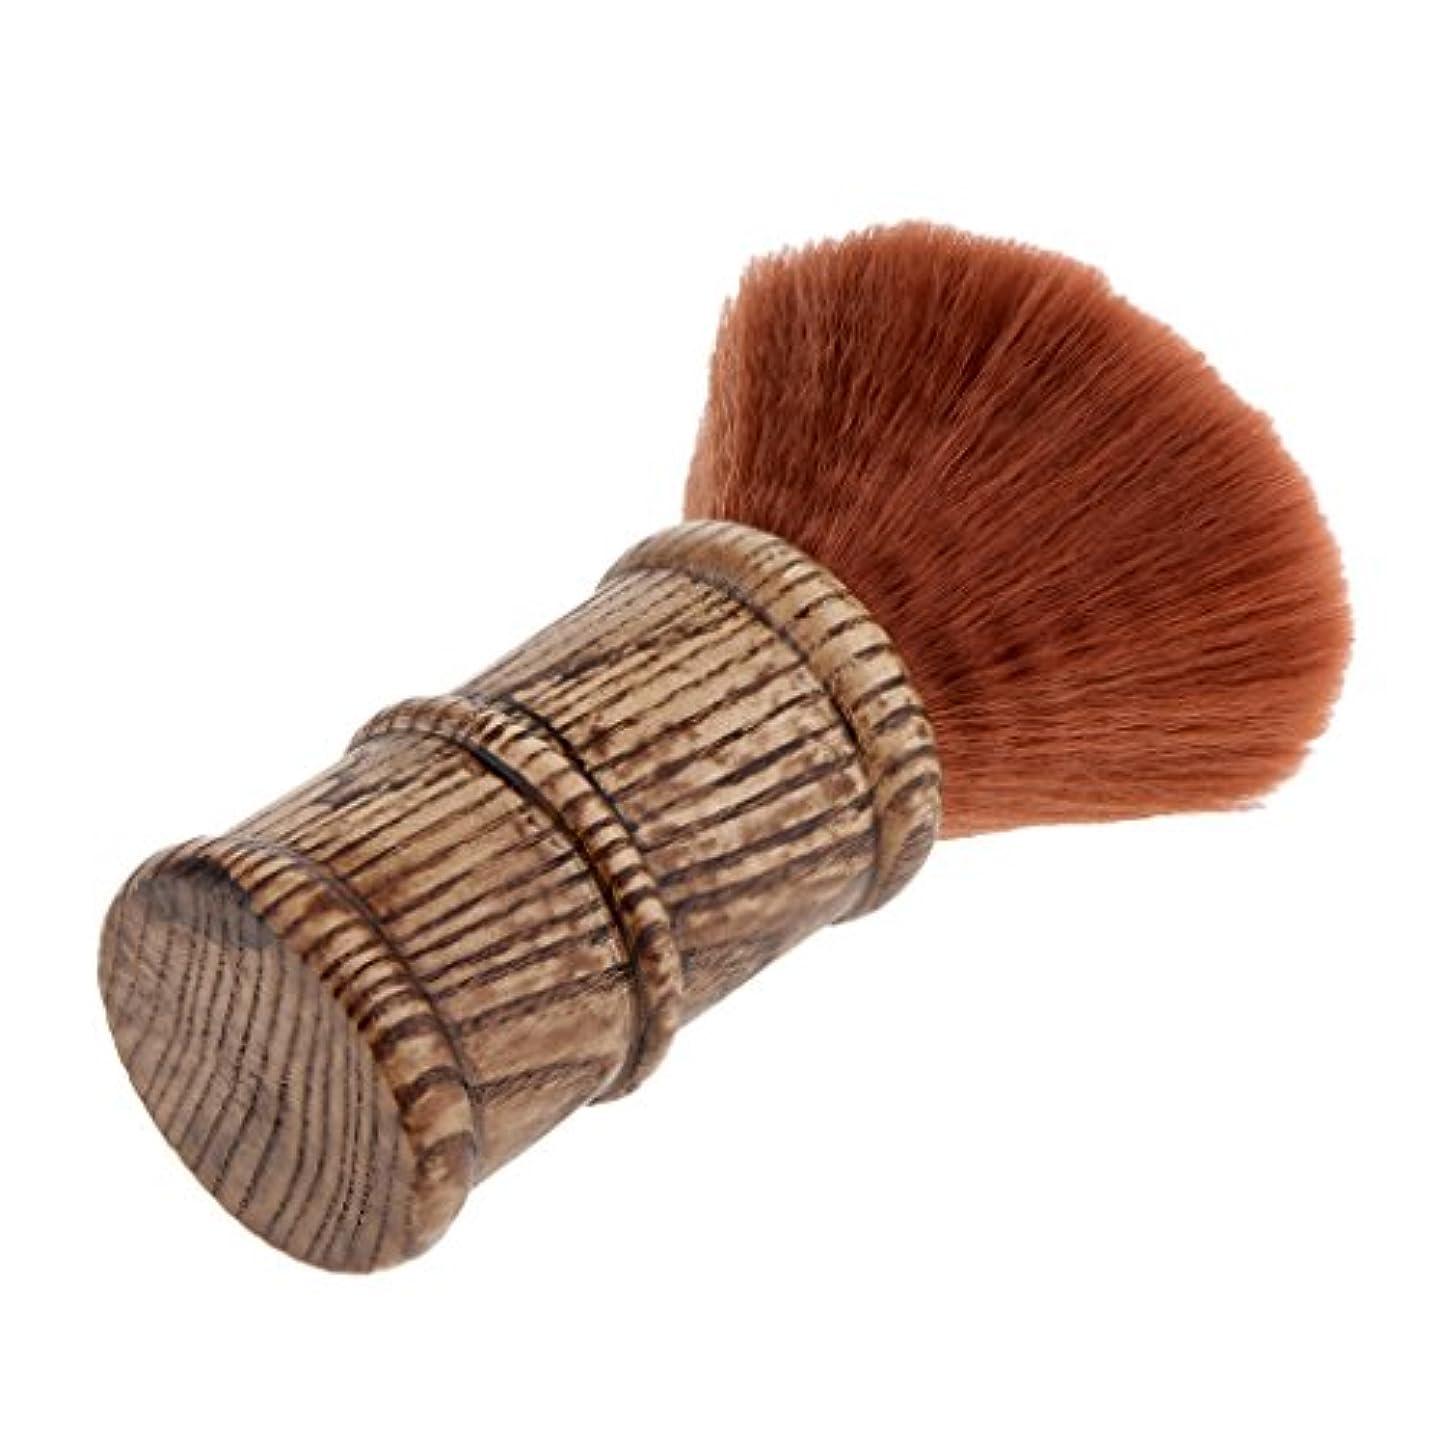 くしゃくしゃ感覚指定するヘアカット ブラシ ネックダスターブラシ 散髪ブラシ 柔らかい フェイスブラシ 2色選べる - 褐色